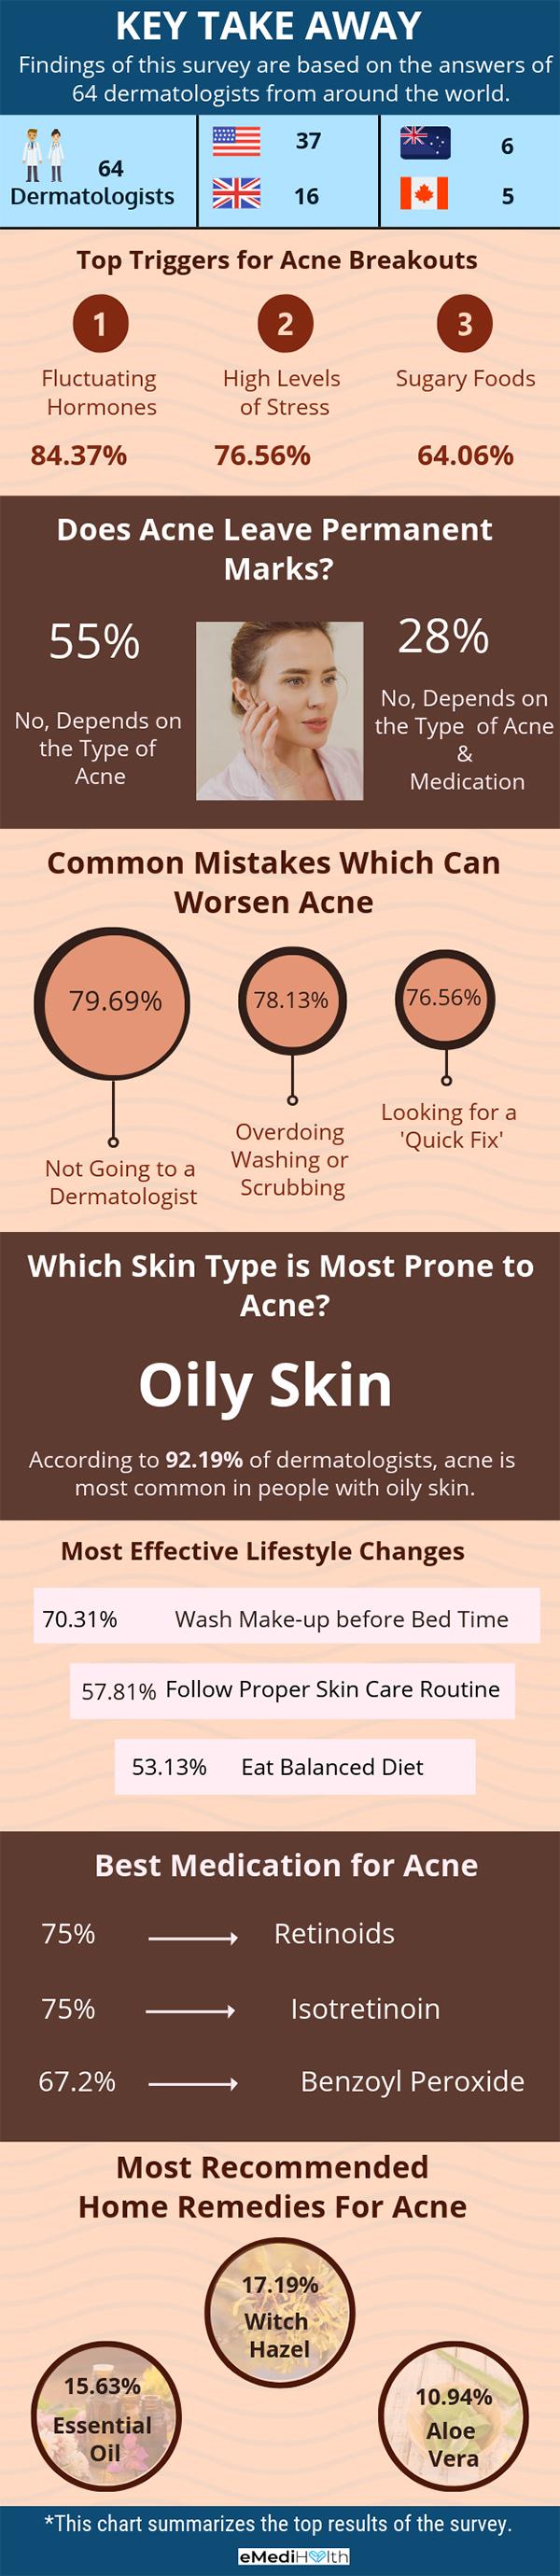 acne survey takeaway